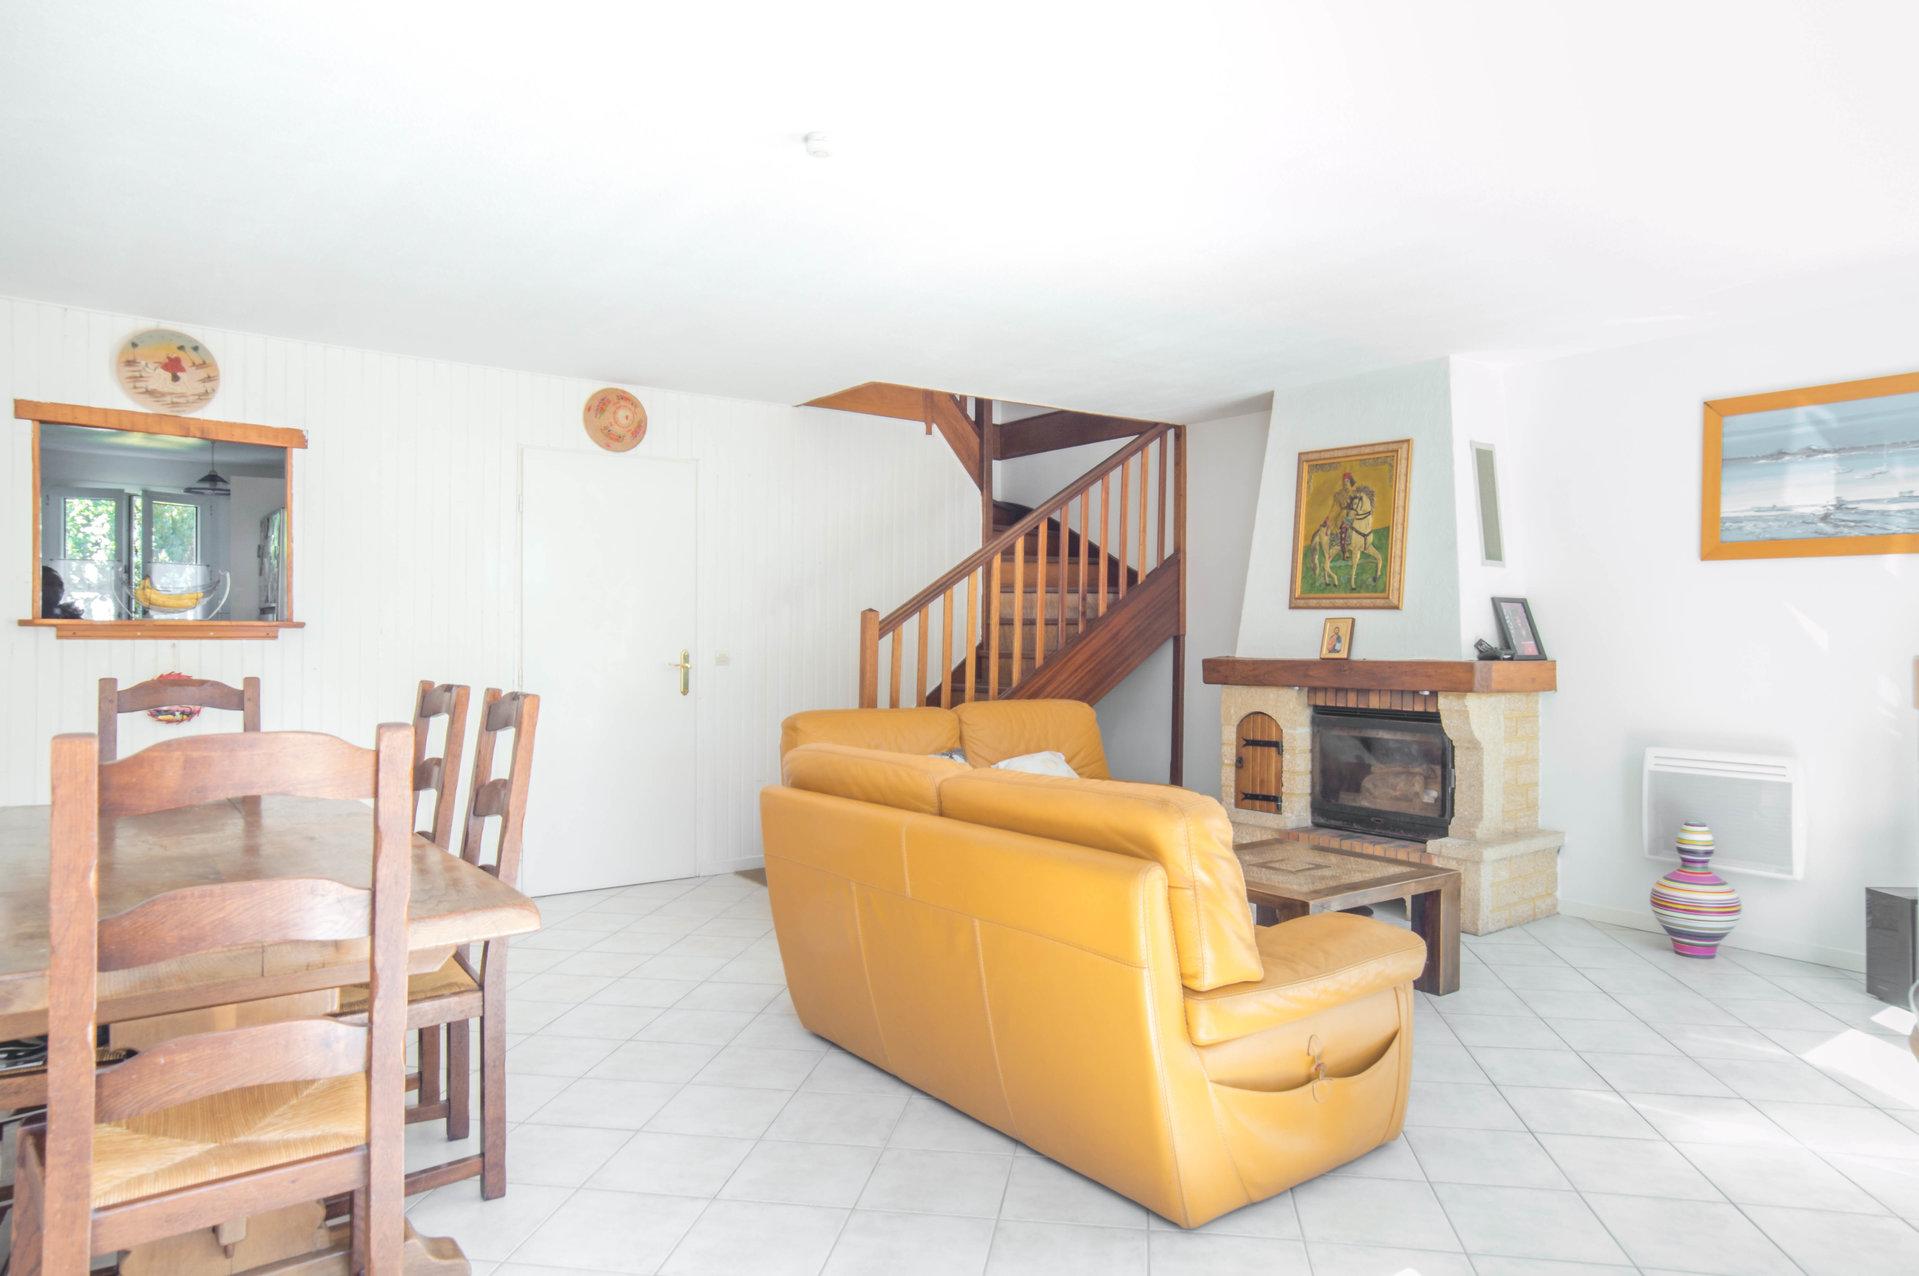 Maison familiales 5 pièces/3 chambres